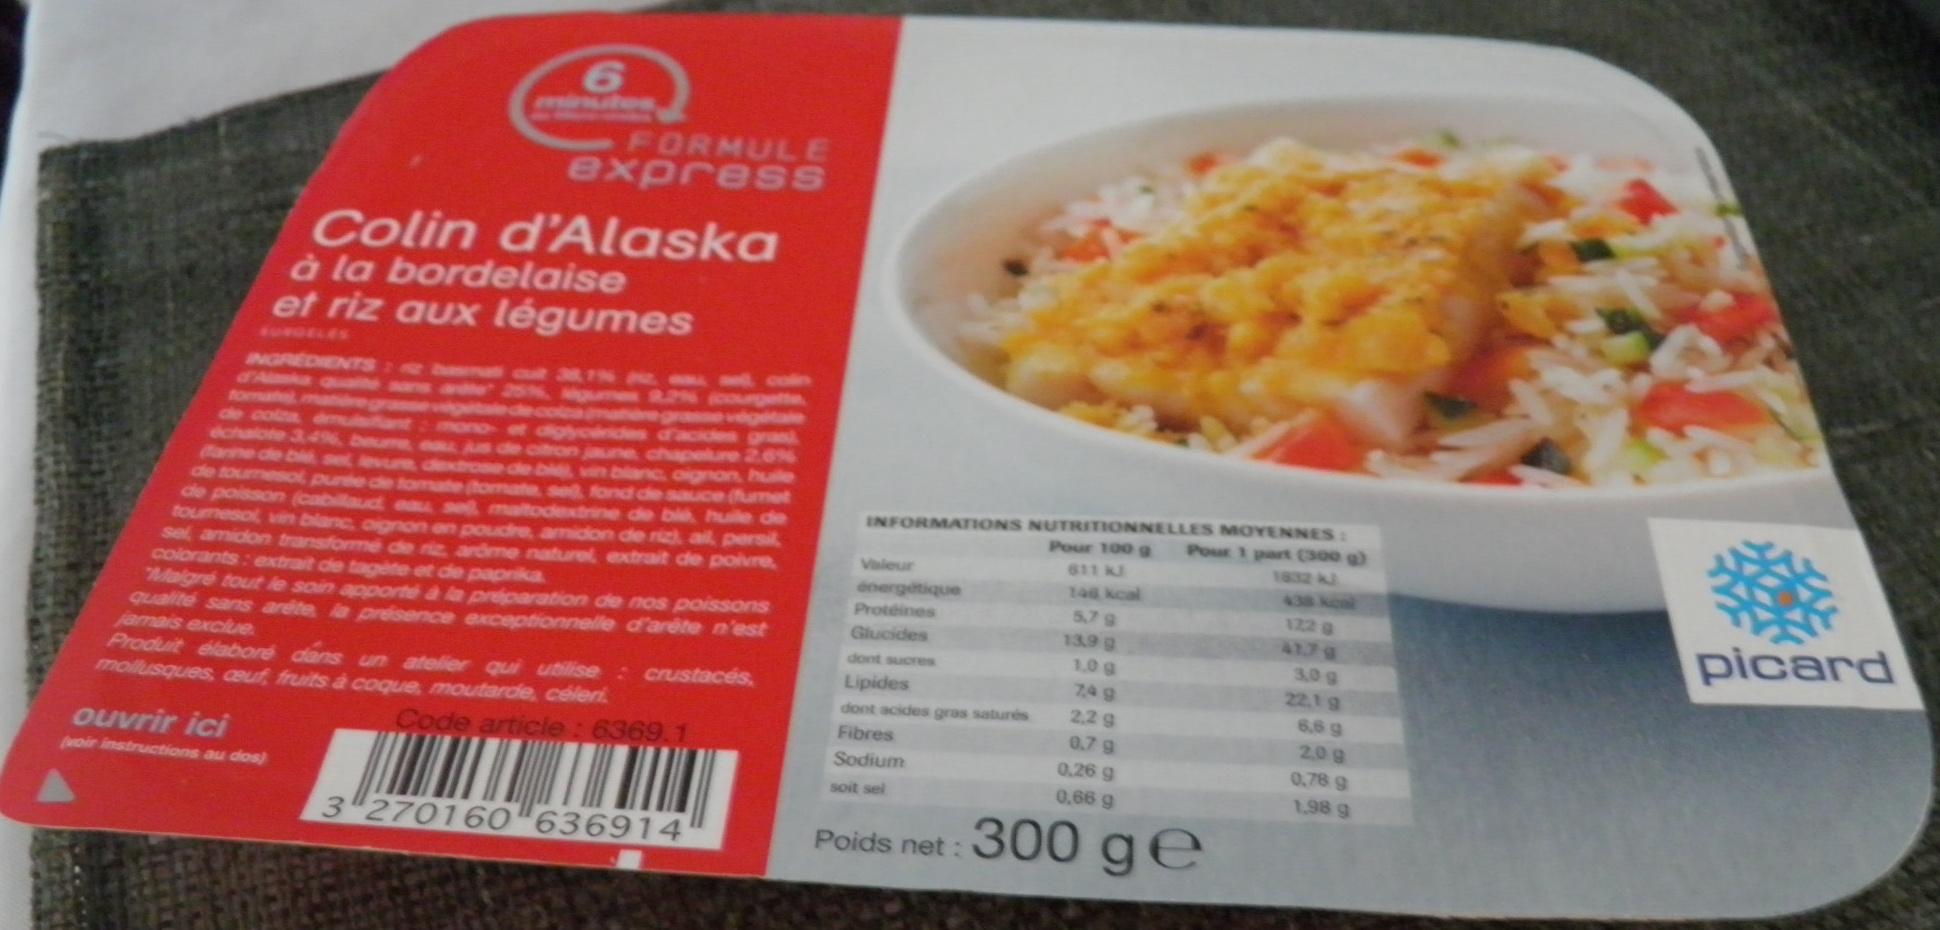 Colin d 39 alaska la bordelaise et riz aux l gumes - Cuisiner du colin surgele ...